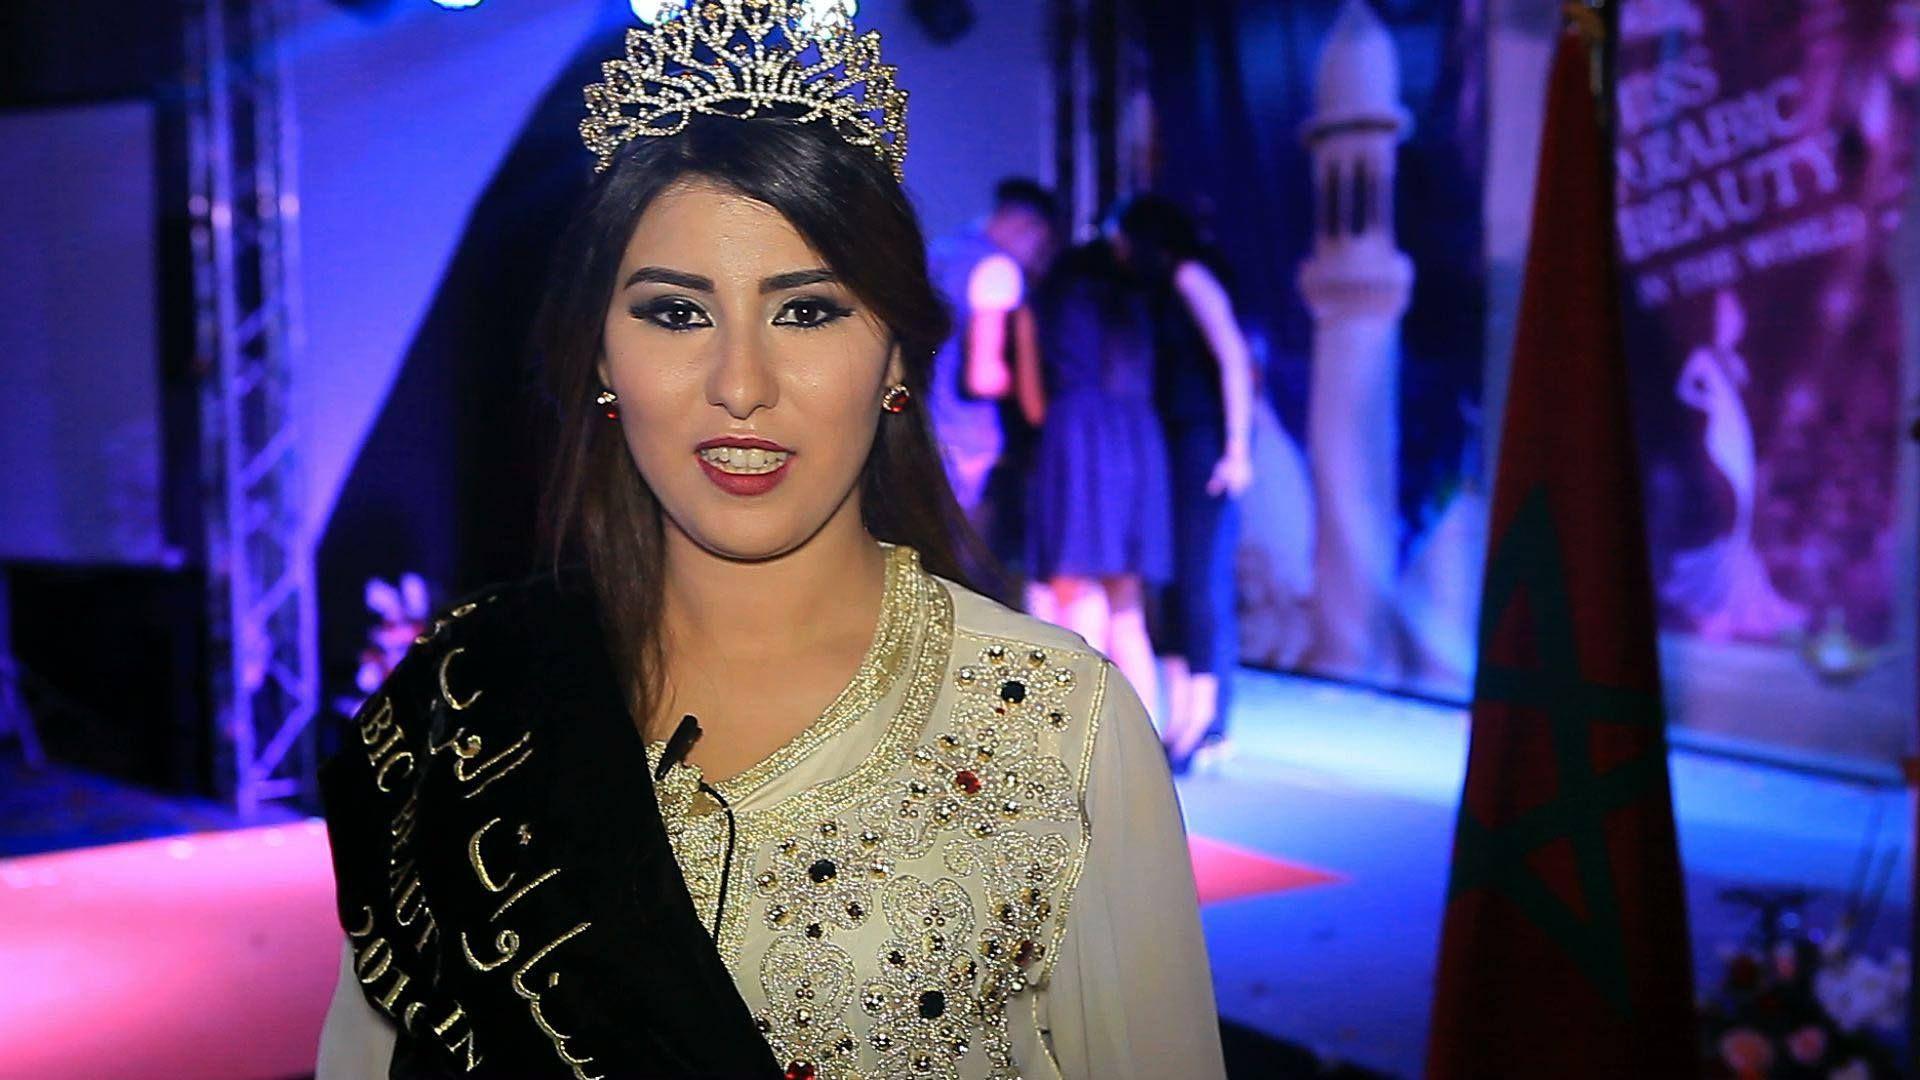 """ملكة حسنوات العرب يذهب إلى المغربية """"نجلاء العمراني"""""""